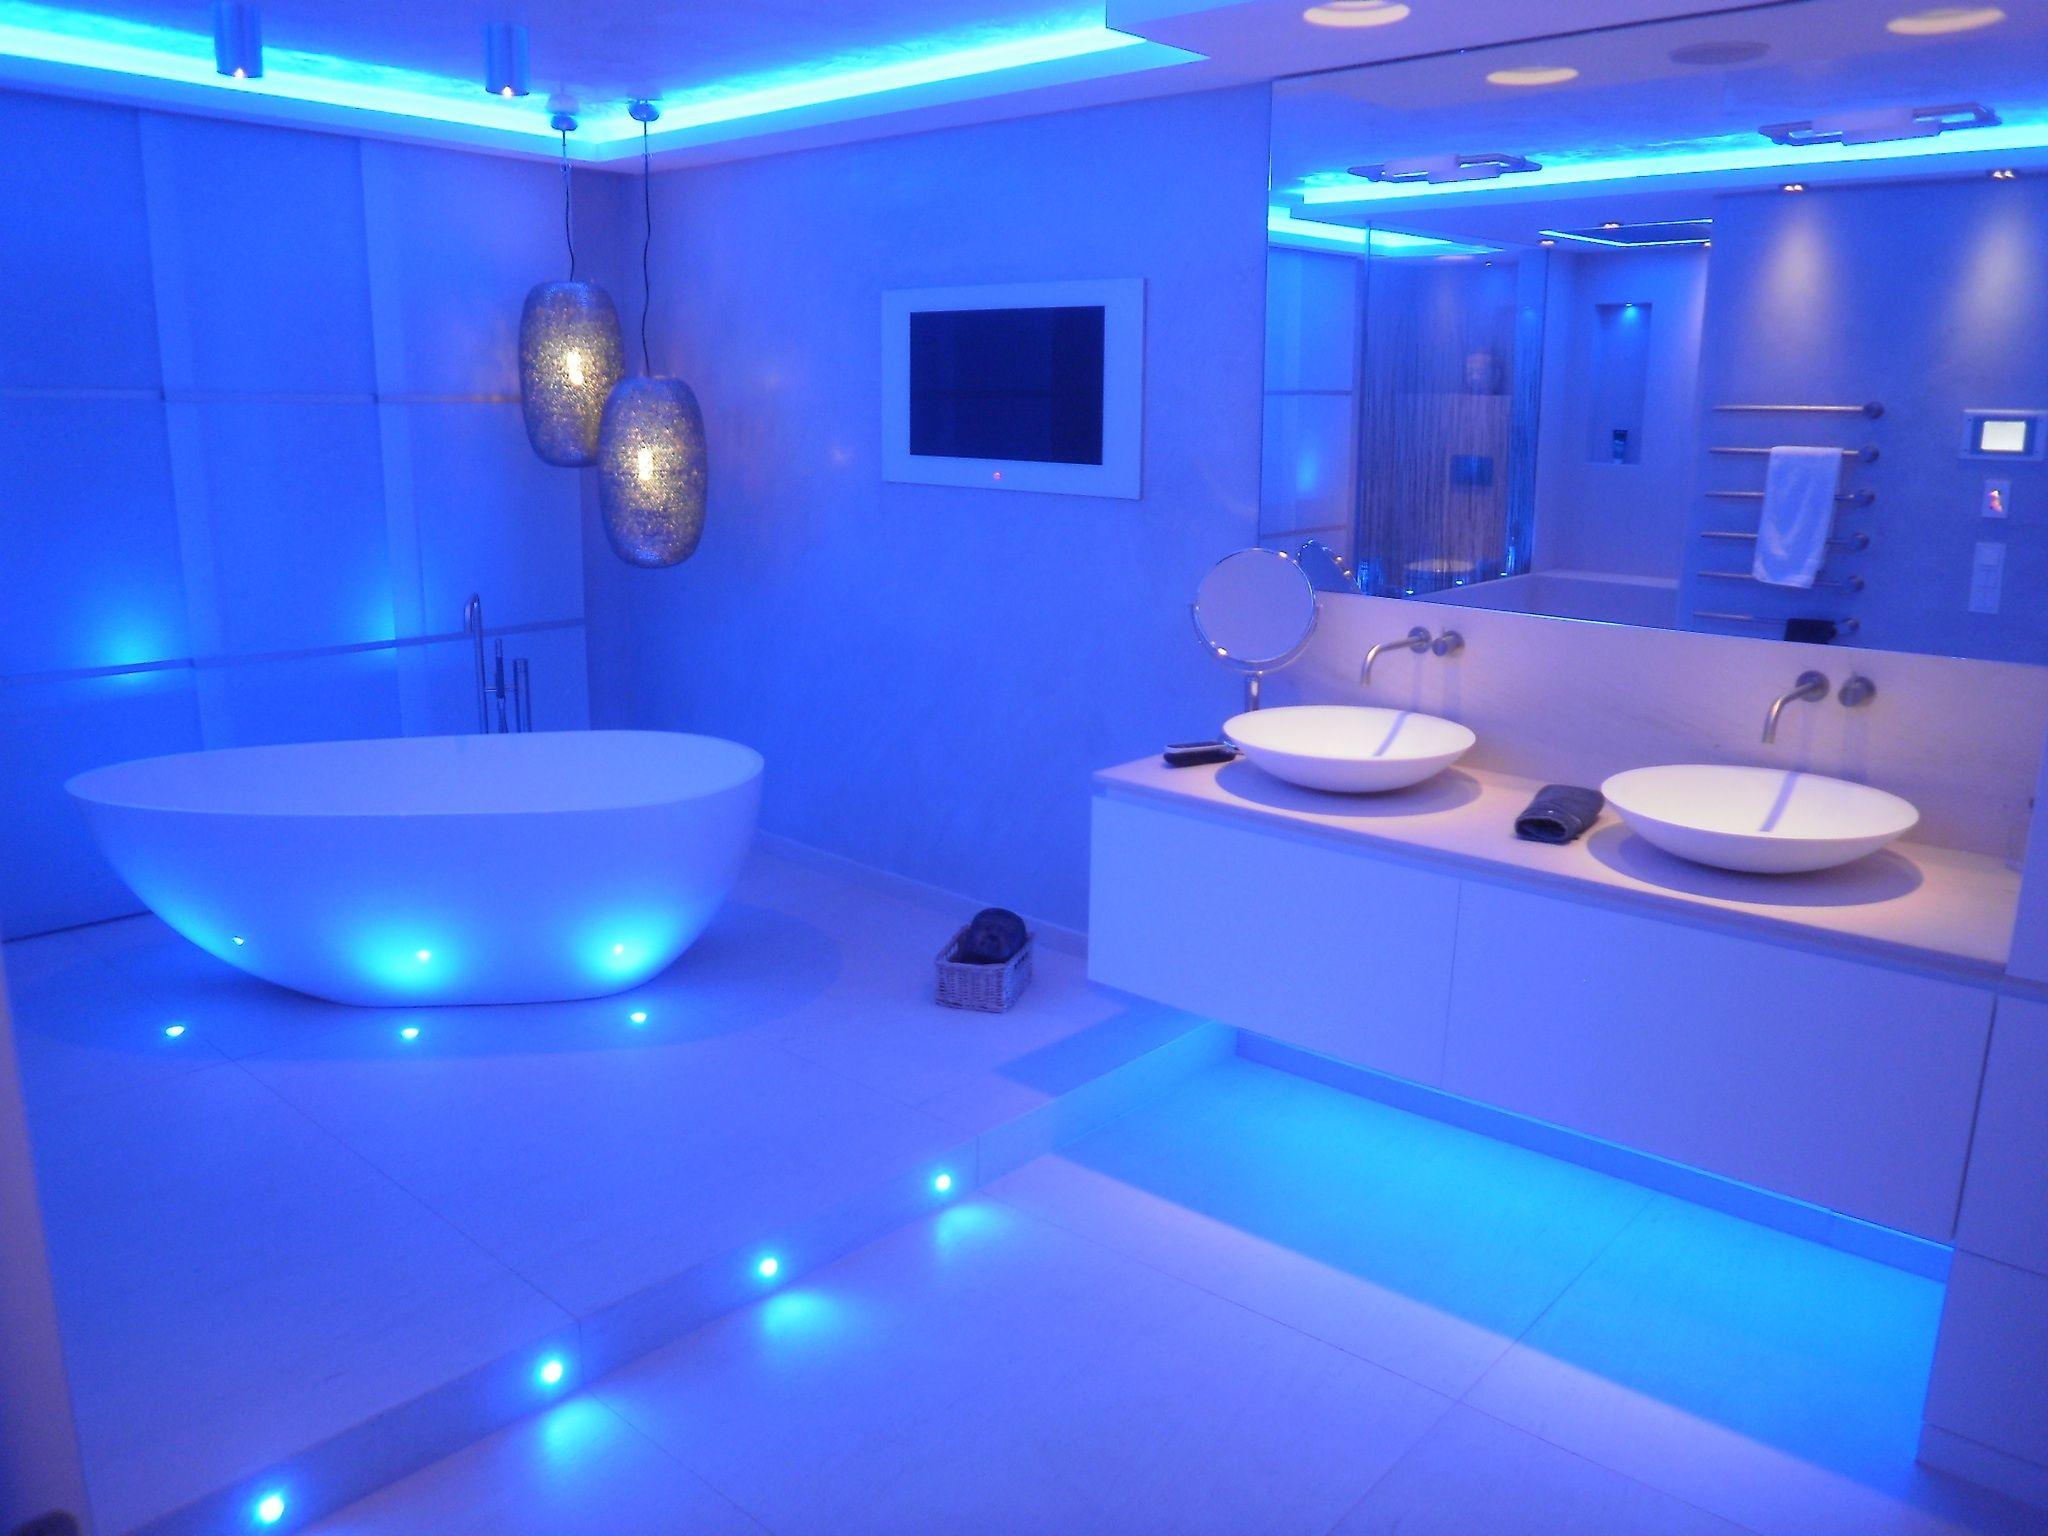 lichtdesign im bad hotelbad pinterest lichtdesign b der und oase. Black Bedroom Furniture Sets. Home Design Ideas